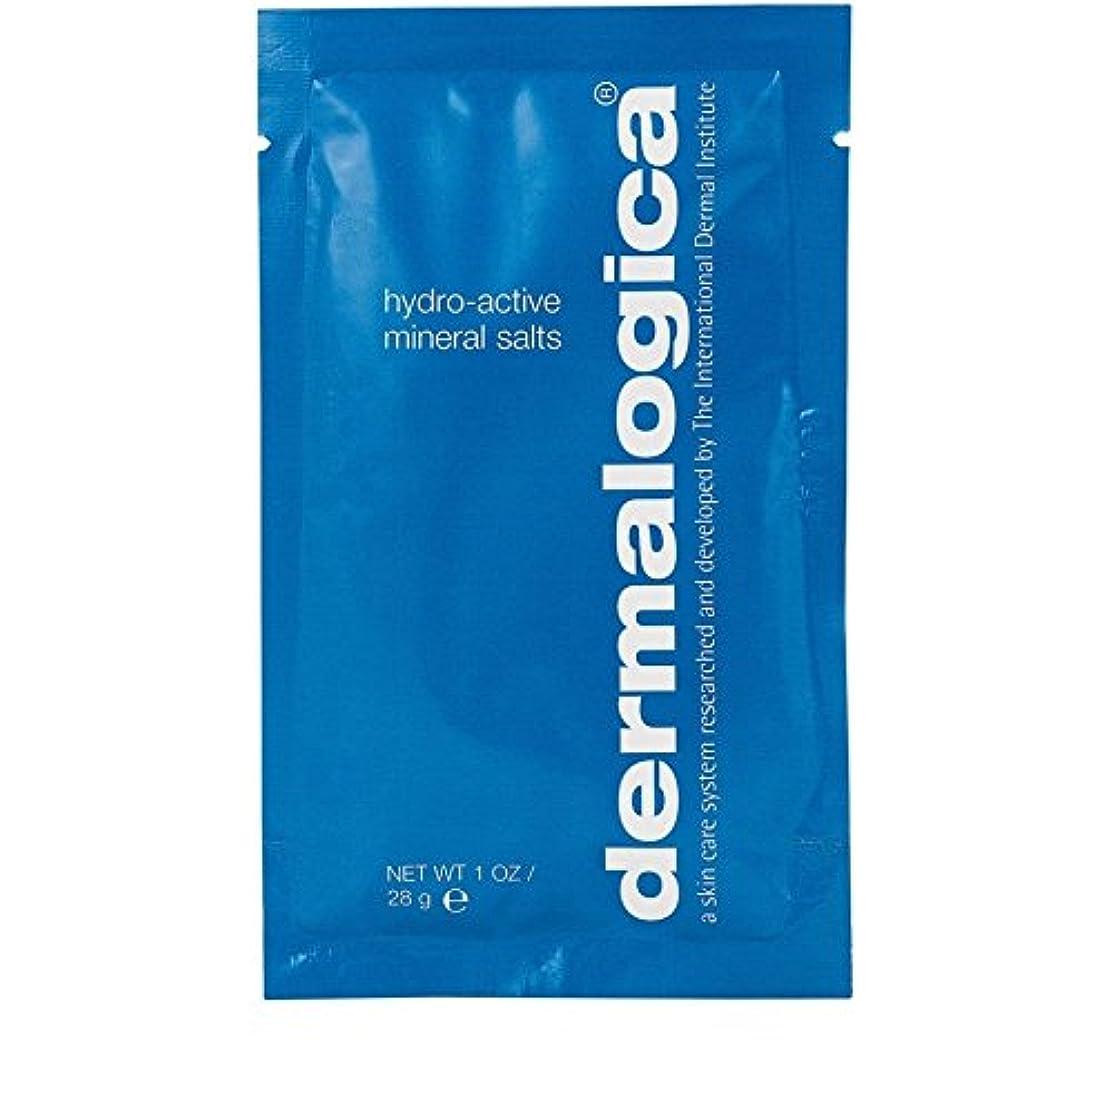 ピアニスト呪い流ダーマロジカ水力アクティブミネラル塩28グラム x4 - Dermalogica Hydro Active Mineral Salt 28g (Pack of 4) [並行輸入品]